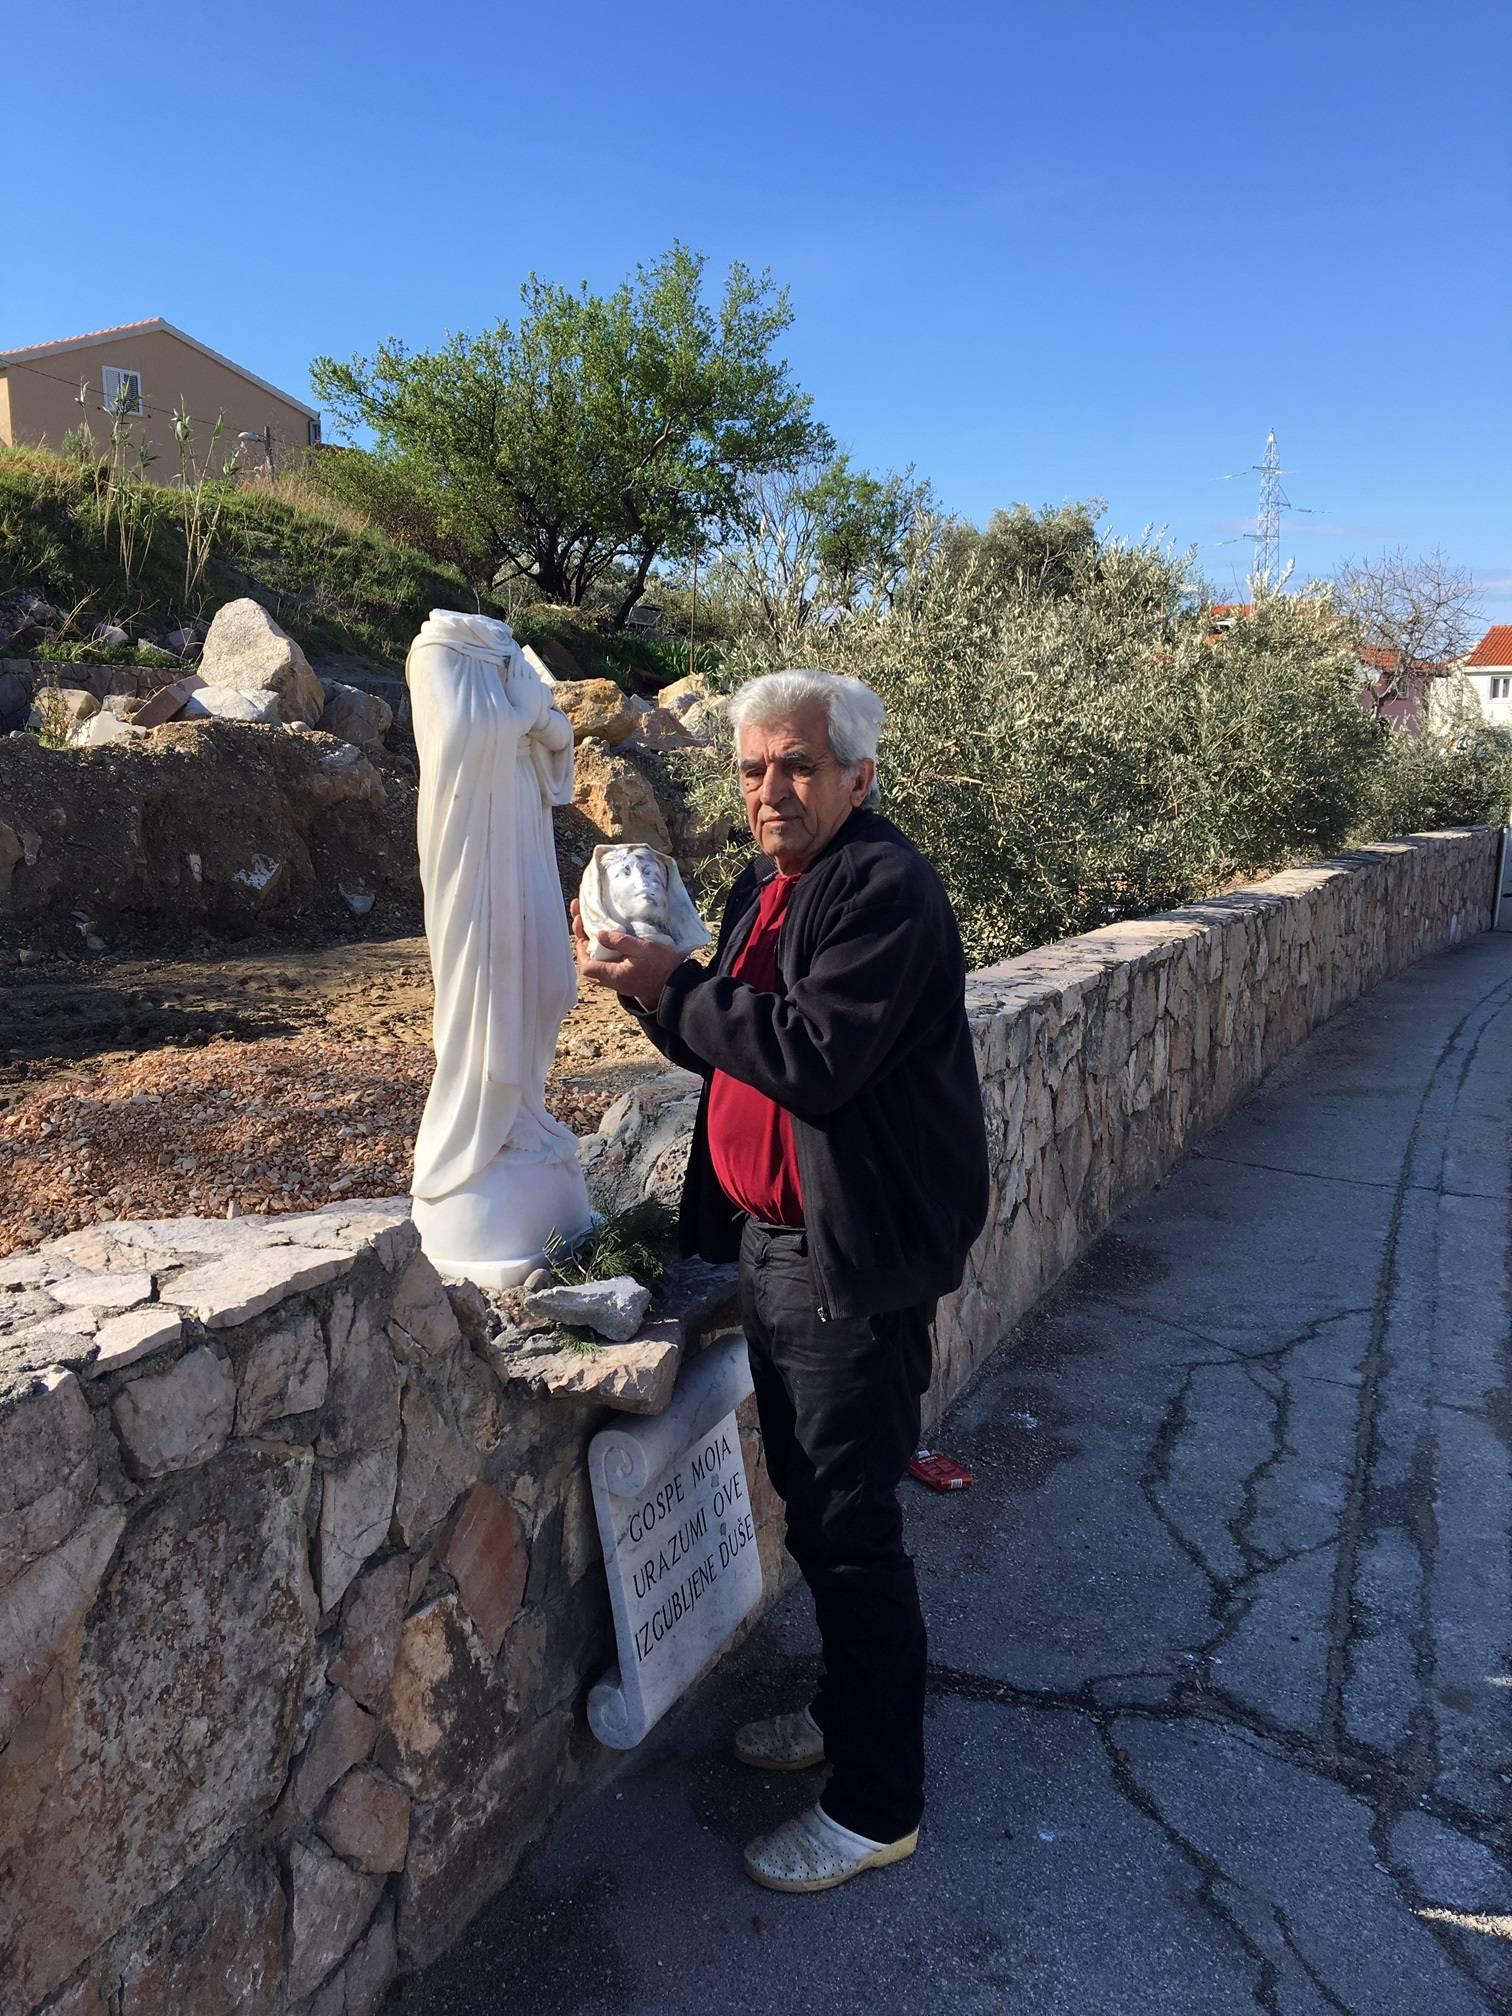 Solin: Maljem odvalio glavu kipu Gospe, završila je u smeću